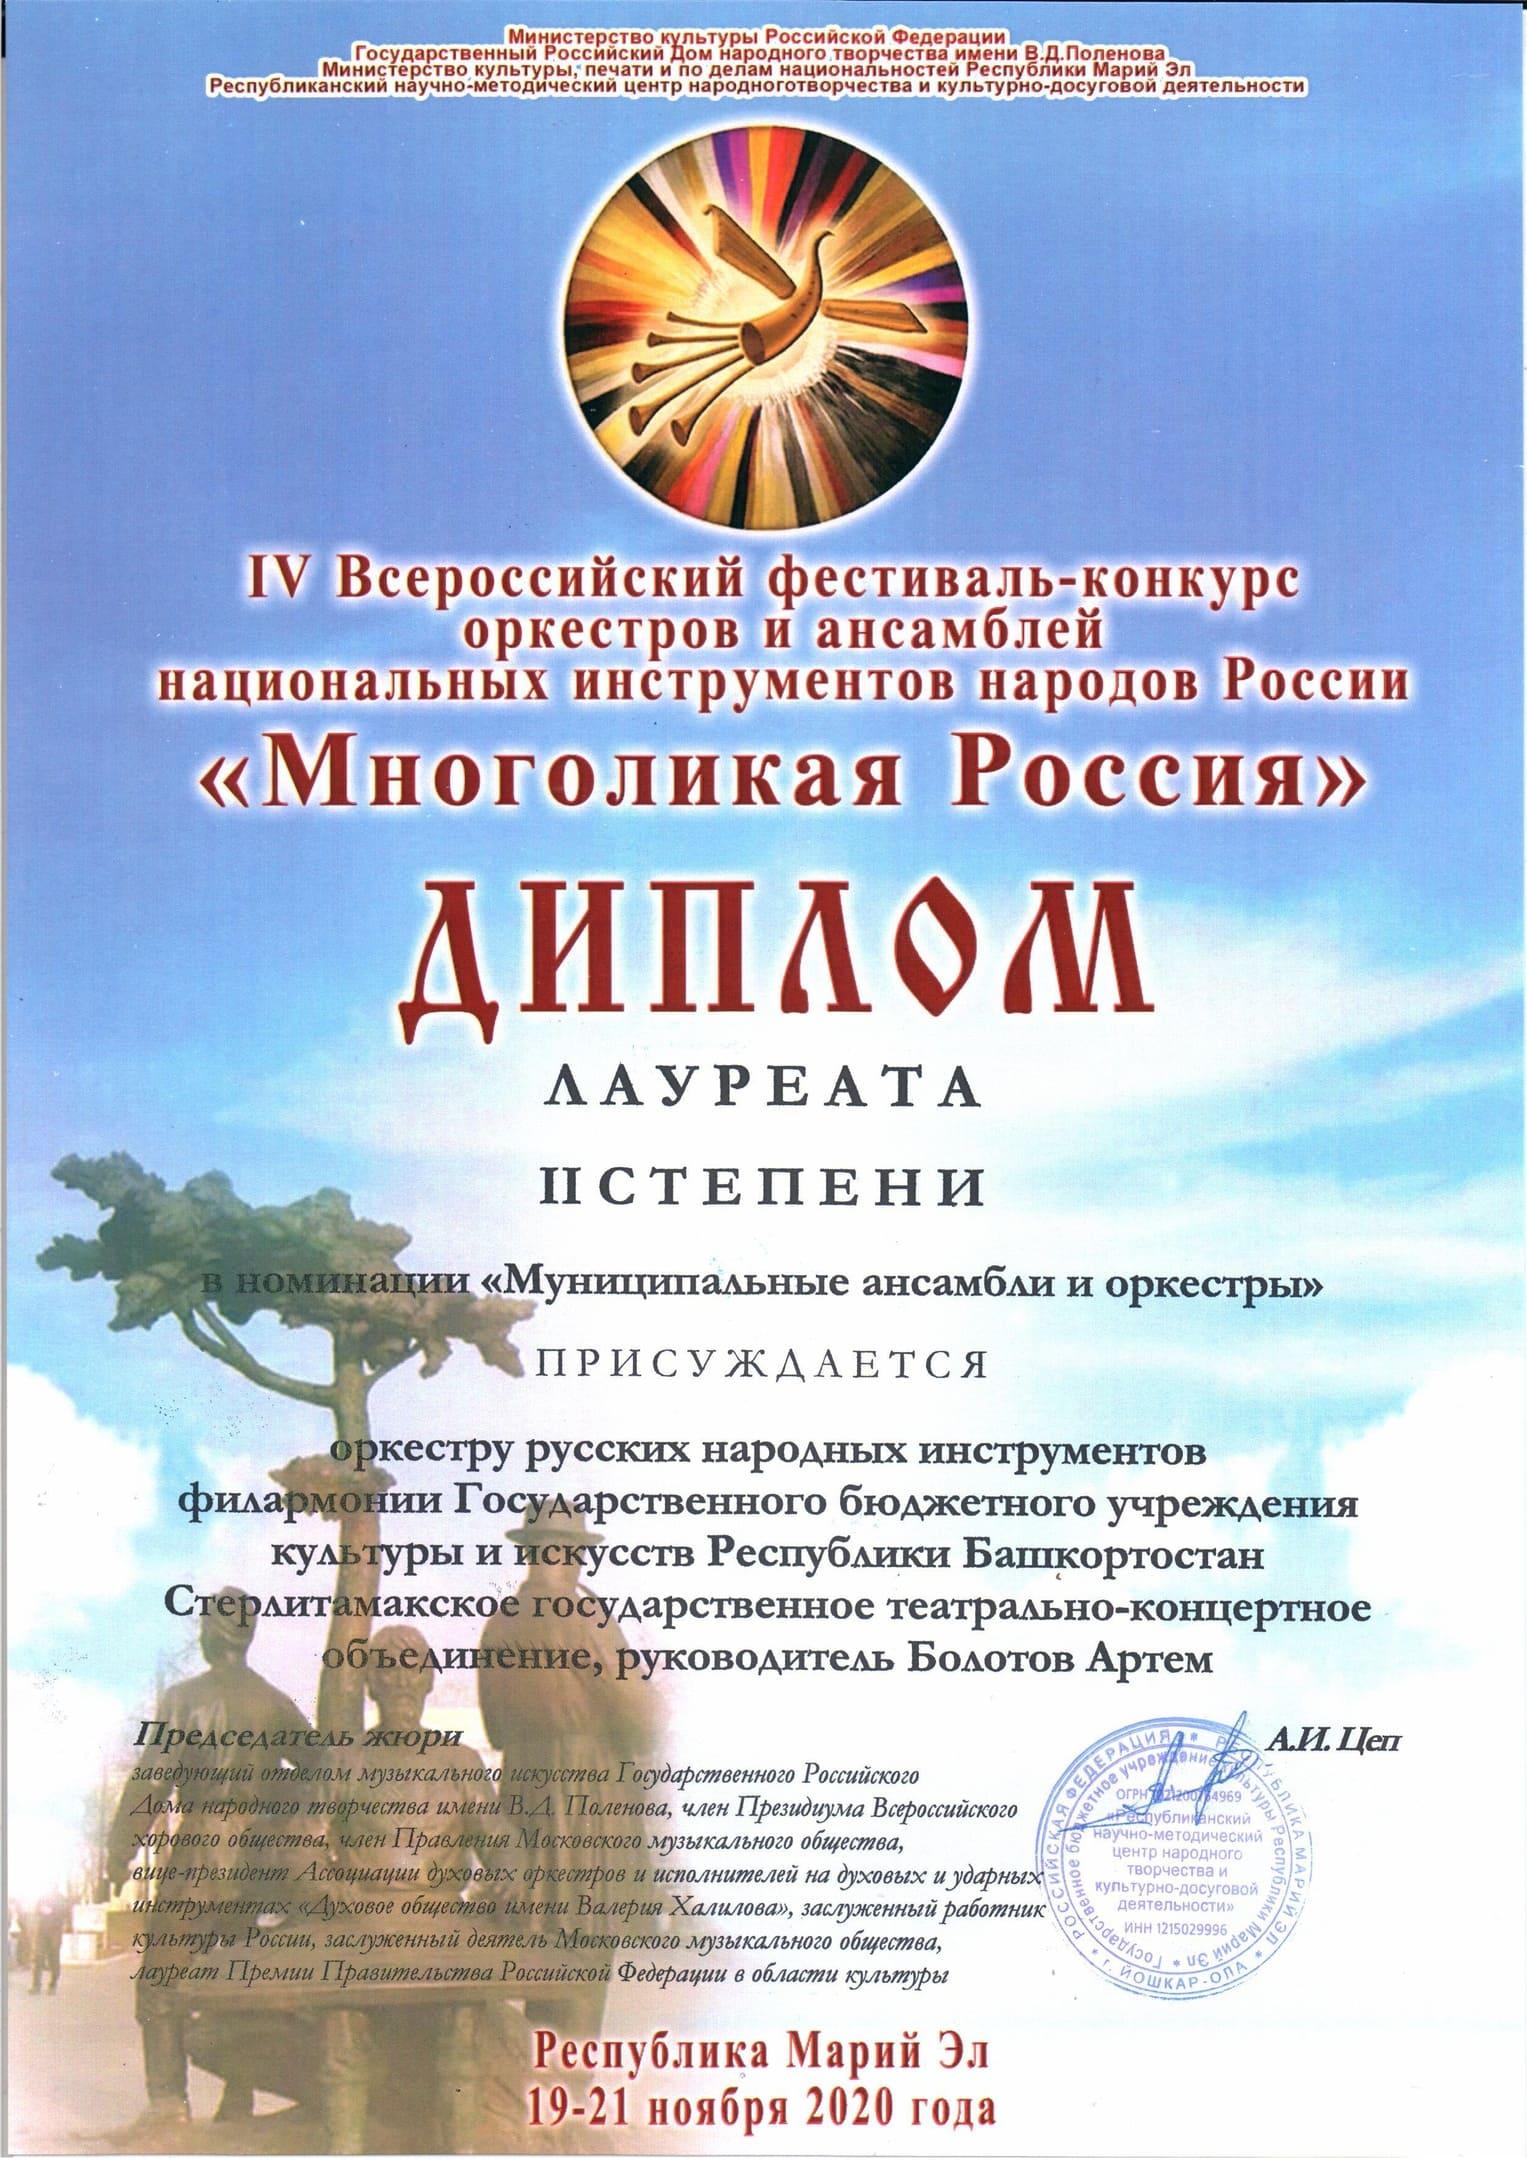 Оркестр русских народных инструментов СГТКО в числе победителей Всероссийского фестиваля